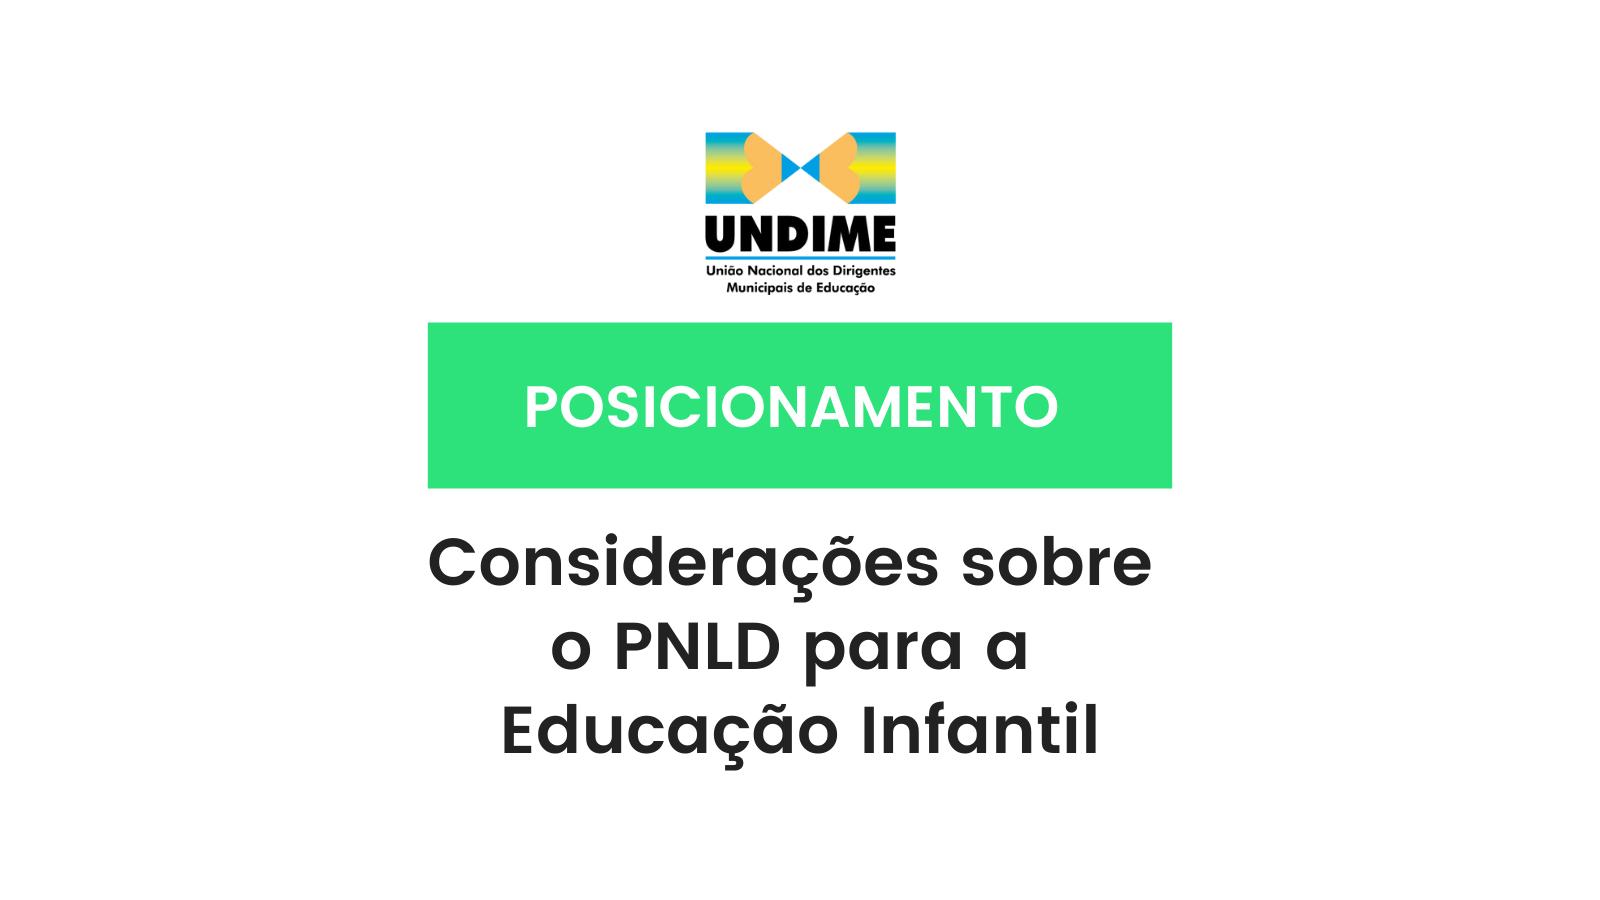 Considerações da Undime sobre o PNLD para a Educação Infantil